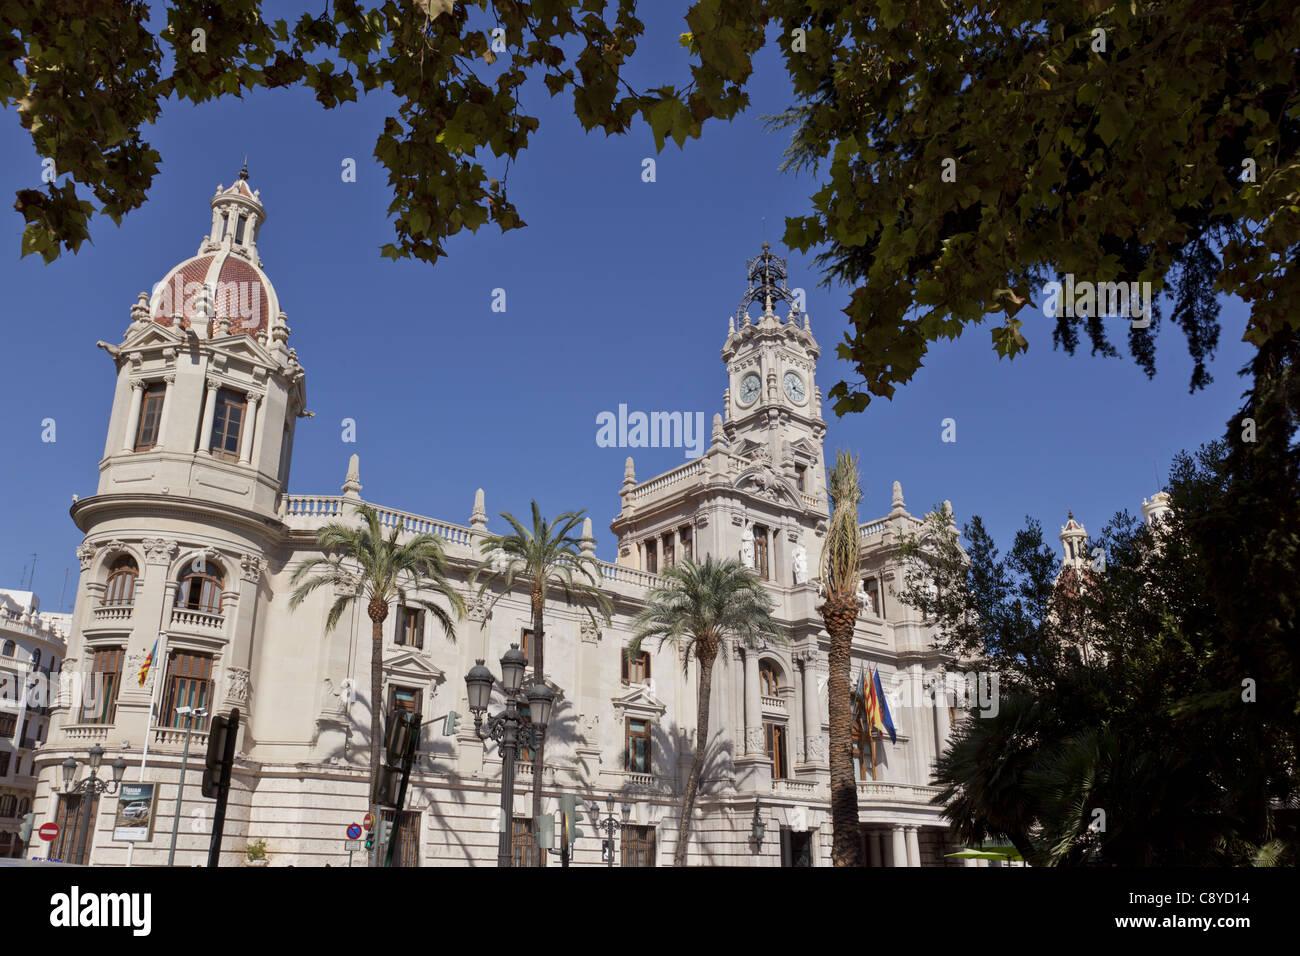 Plaza del Ayuntamiento, city hall at dusk, Valencia spain, - Stock Image